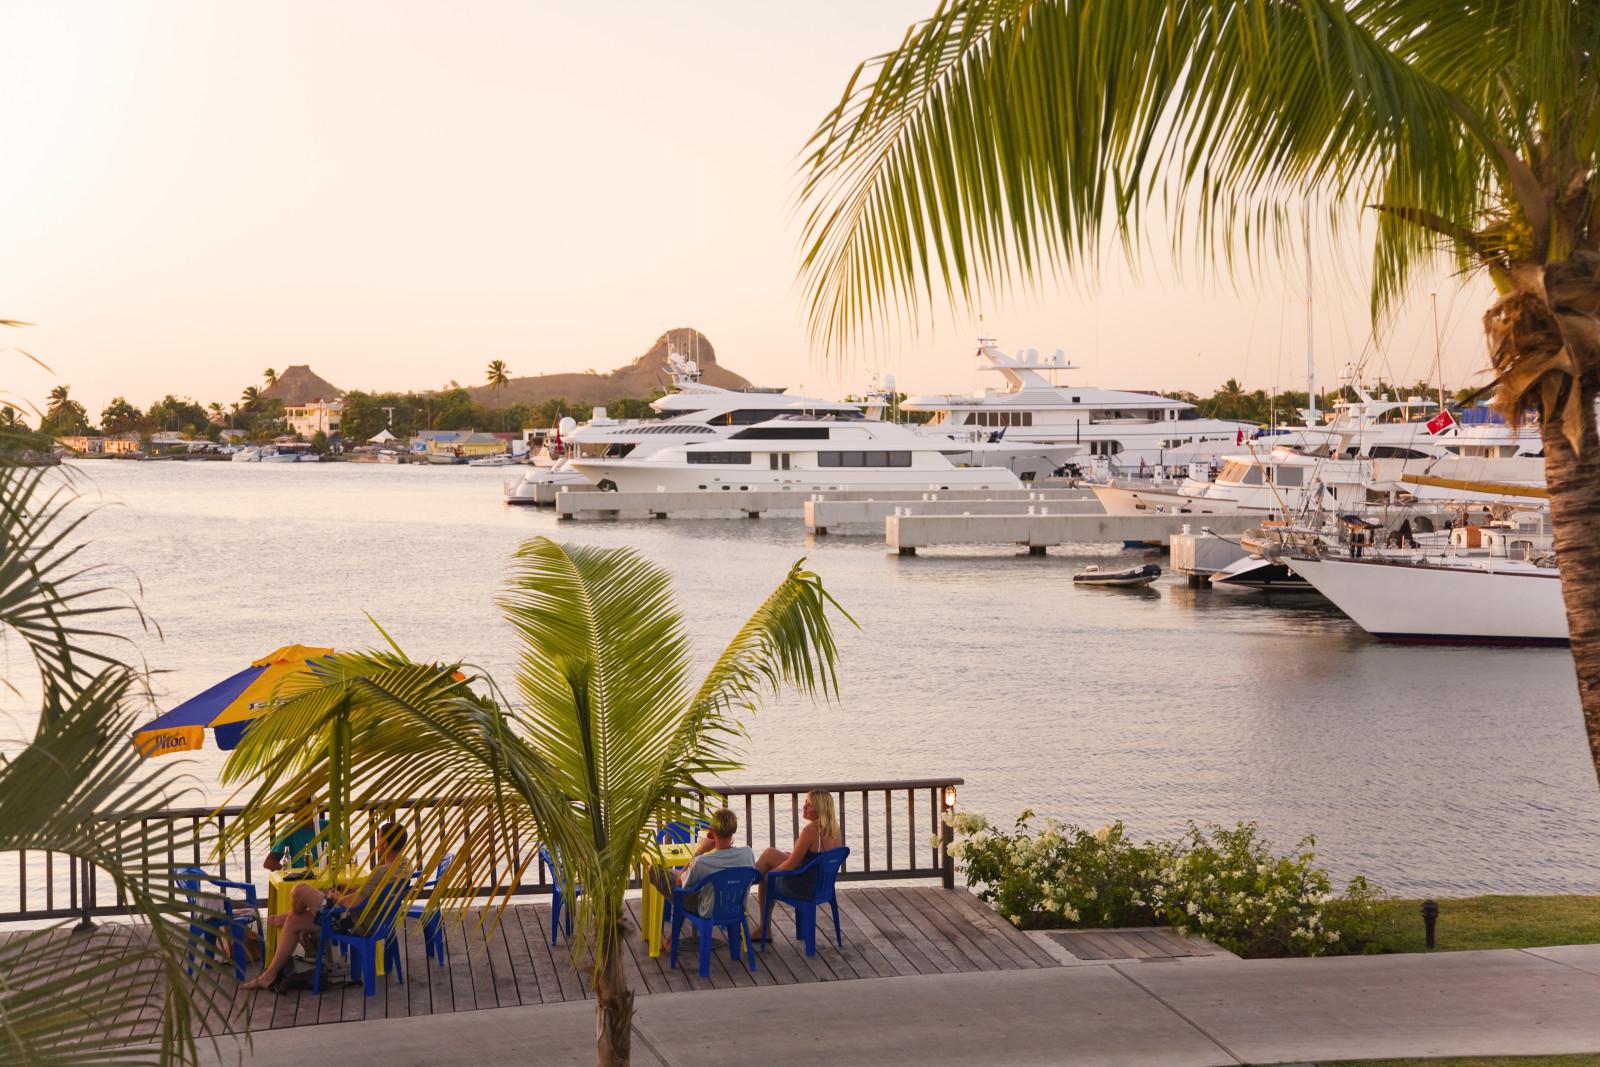 St. Lucia Rodney Bay